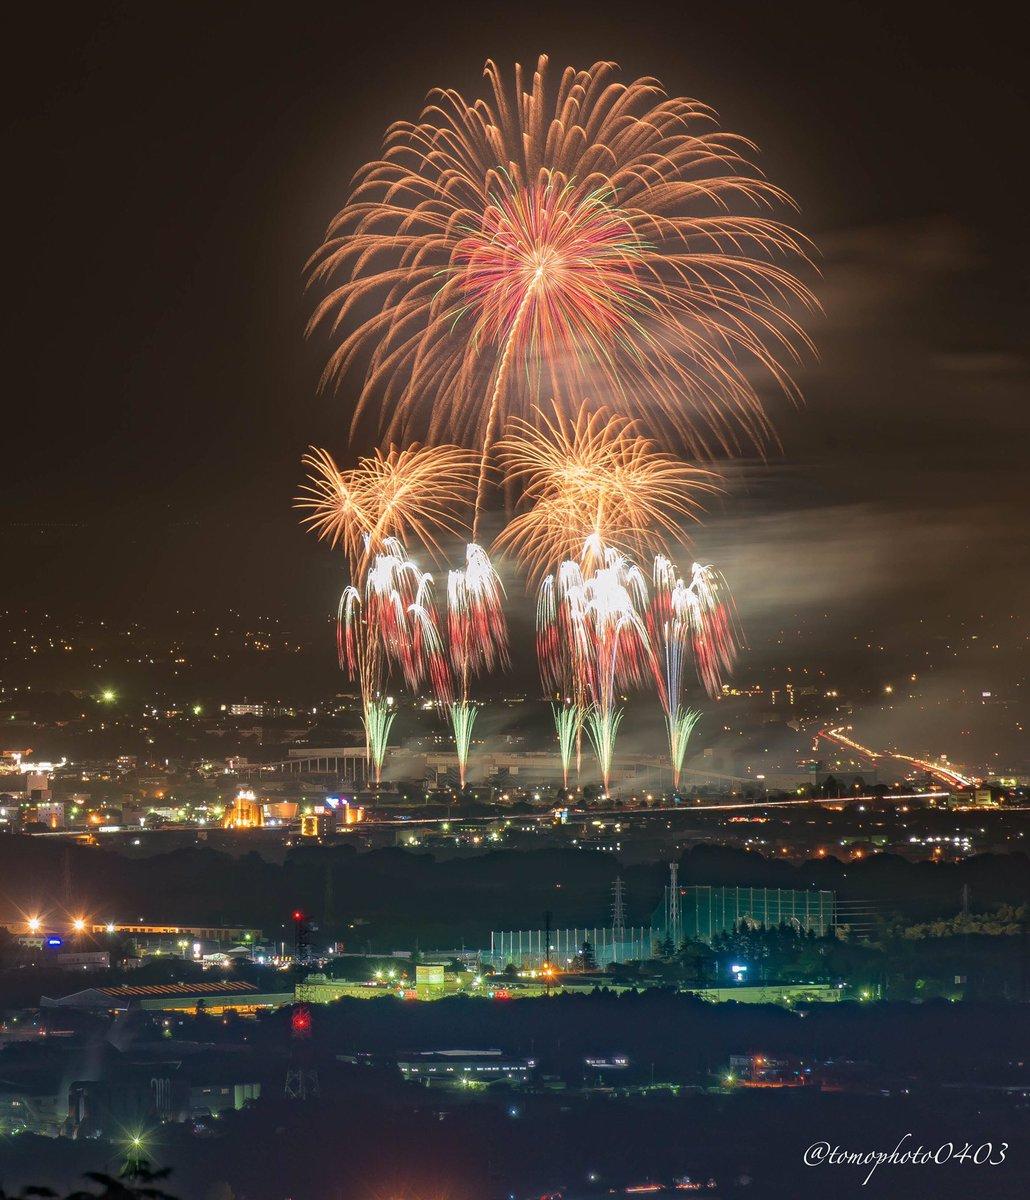 茨城県は5年連続で魅力度ランキング最下位になったらしいですが土曜日の土浦市は魅力度世界一でした(*・ω・)ノ #土浦全国花火競技大会 #魅力度ランキング #茨城県